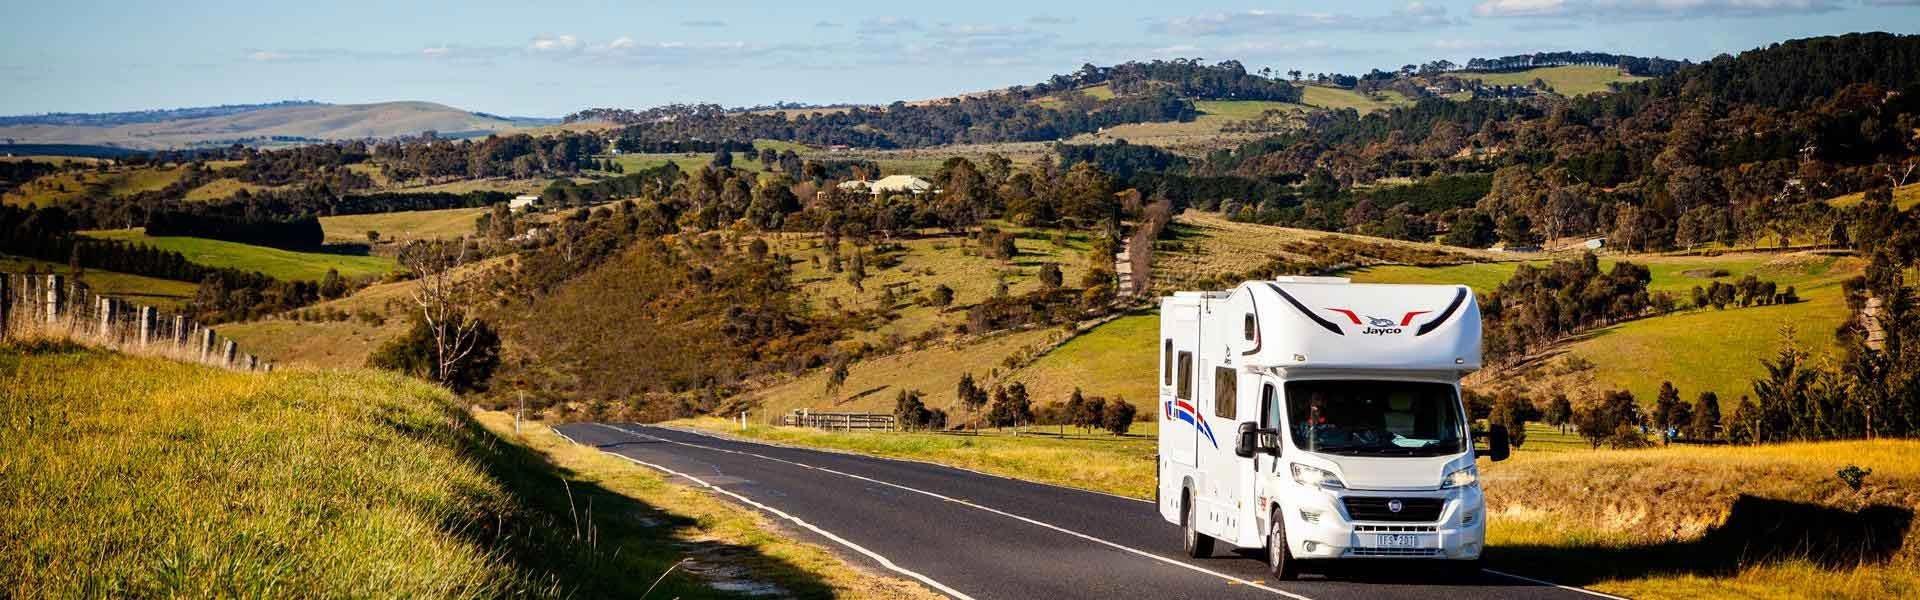 Geniet van een campervakantie door Australië in een van de campers van Lets Go Motorhomes